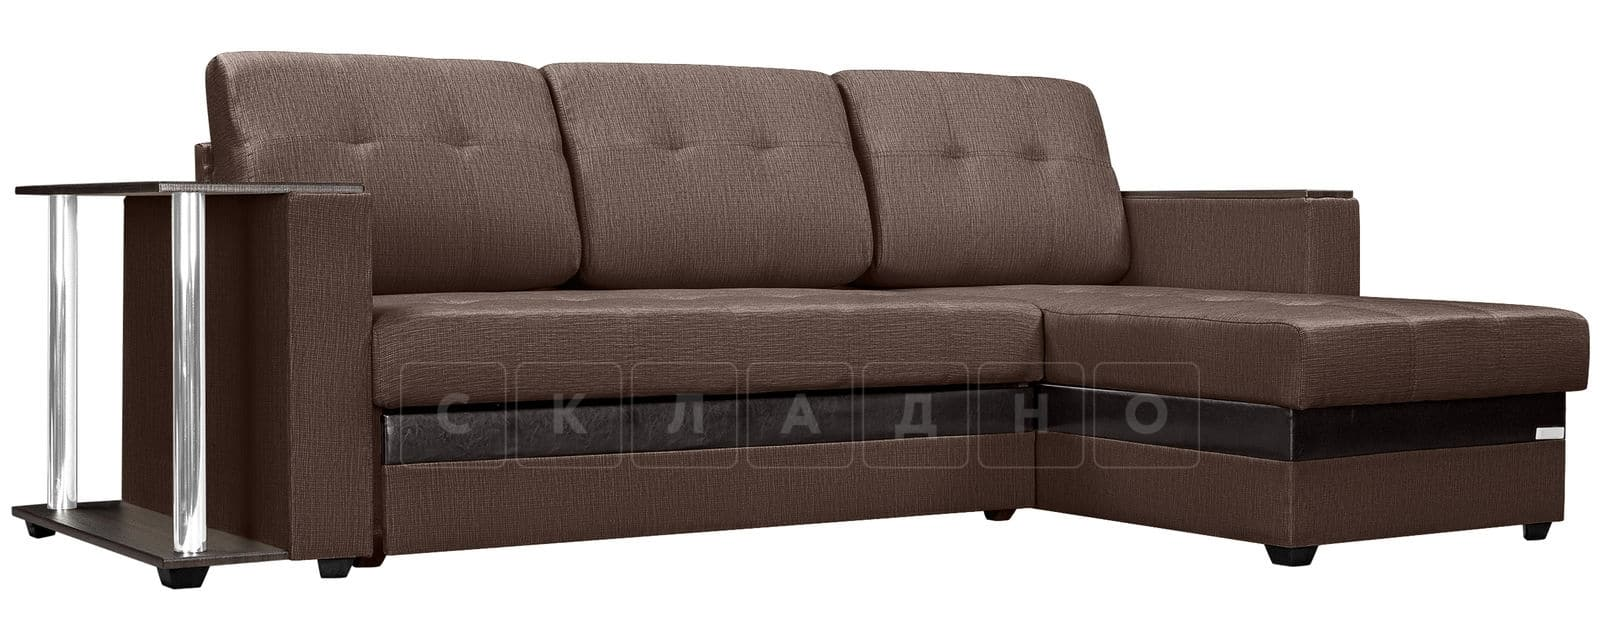 Угловой диван Атланта рогожка коричневого цвета фото 1 | интернет-магазин Складно